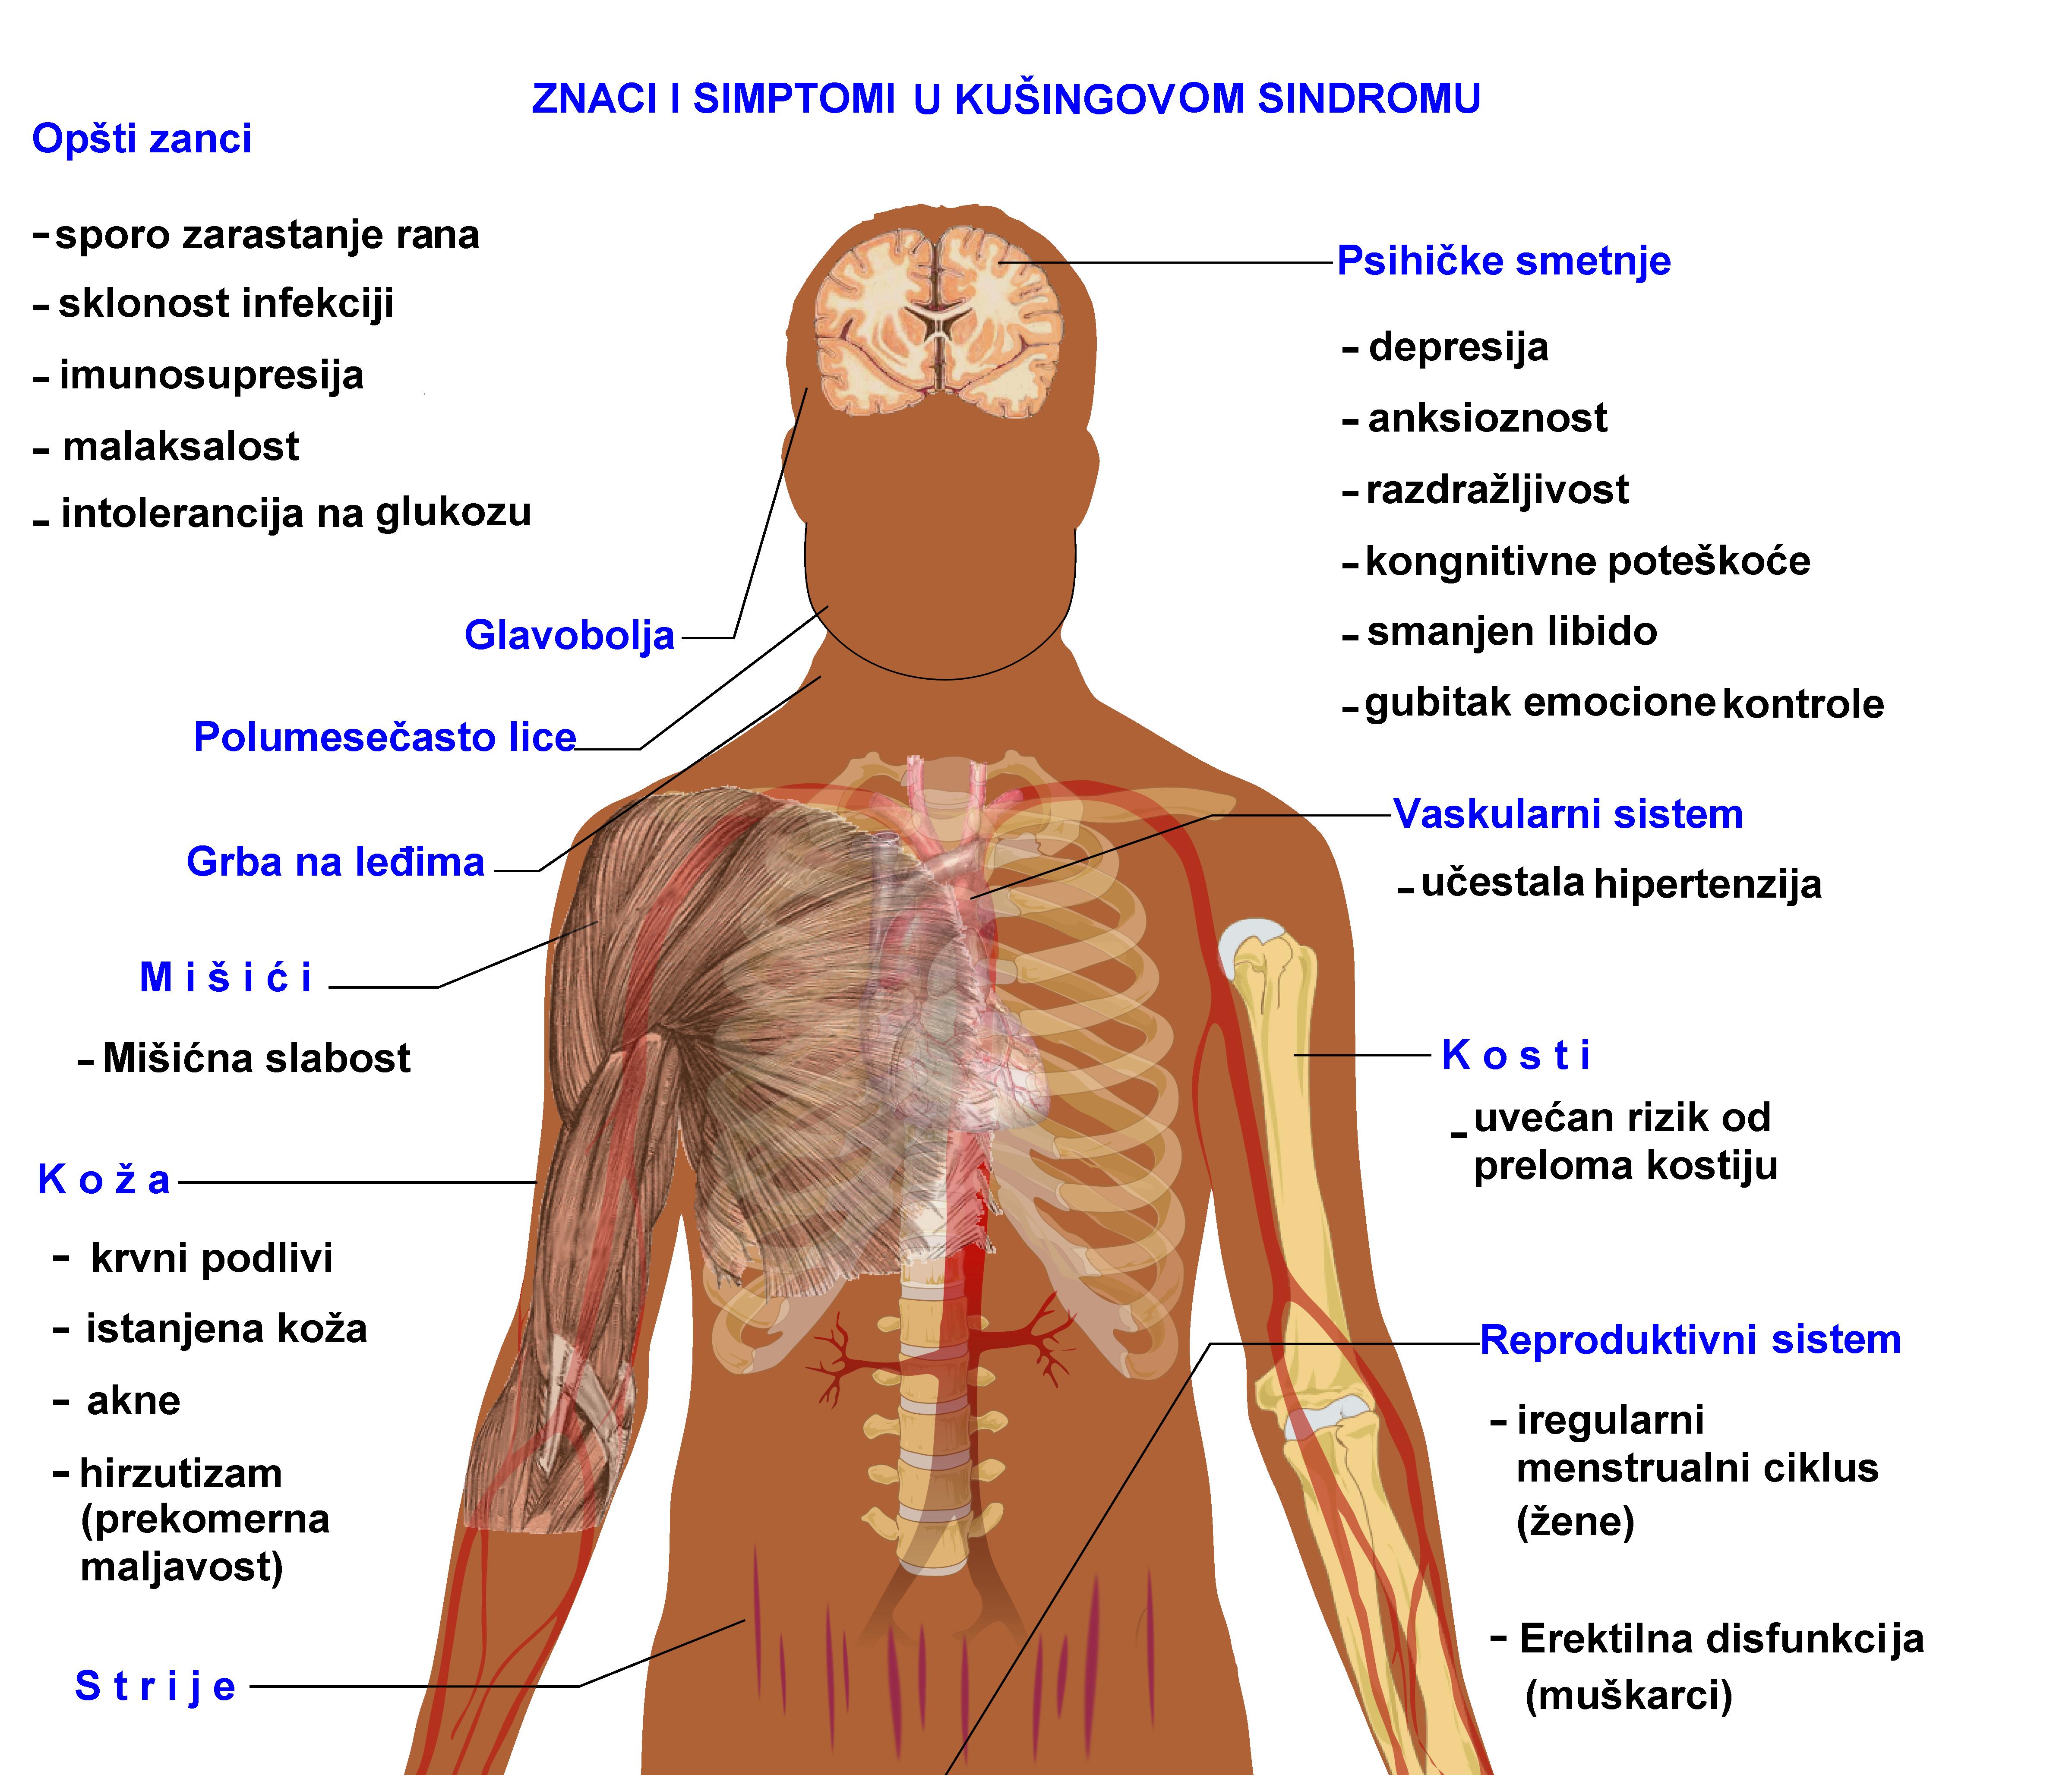 što je hipertenzija kože